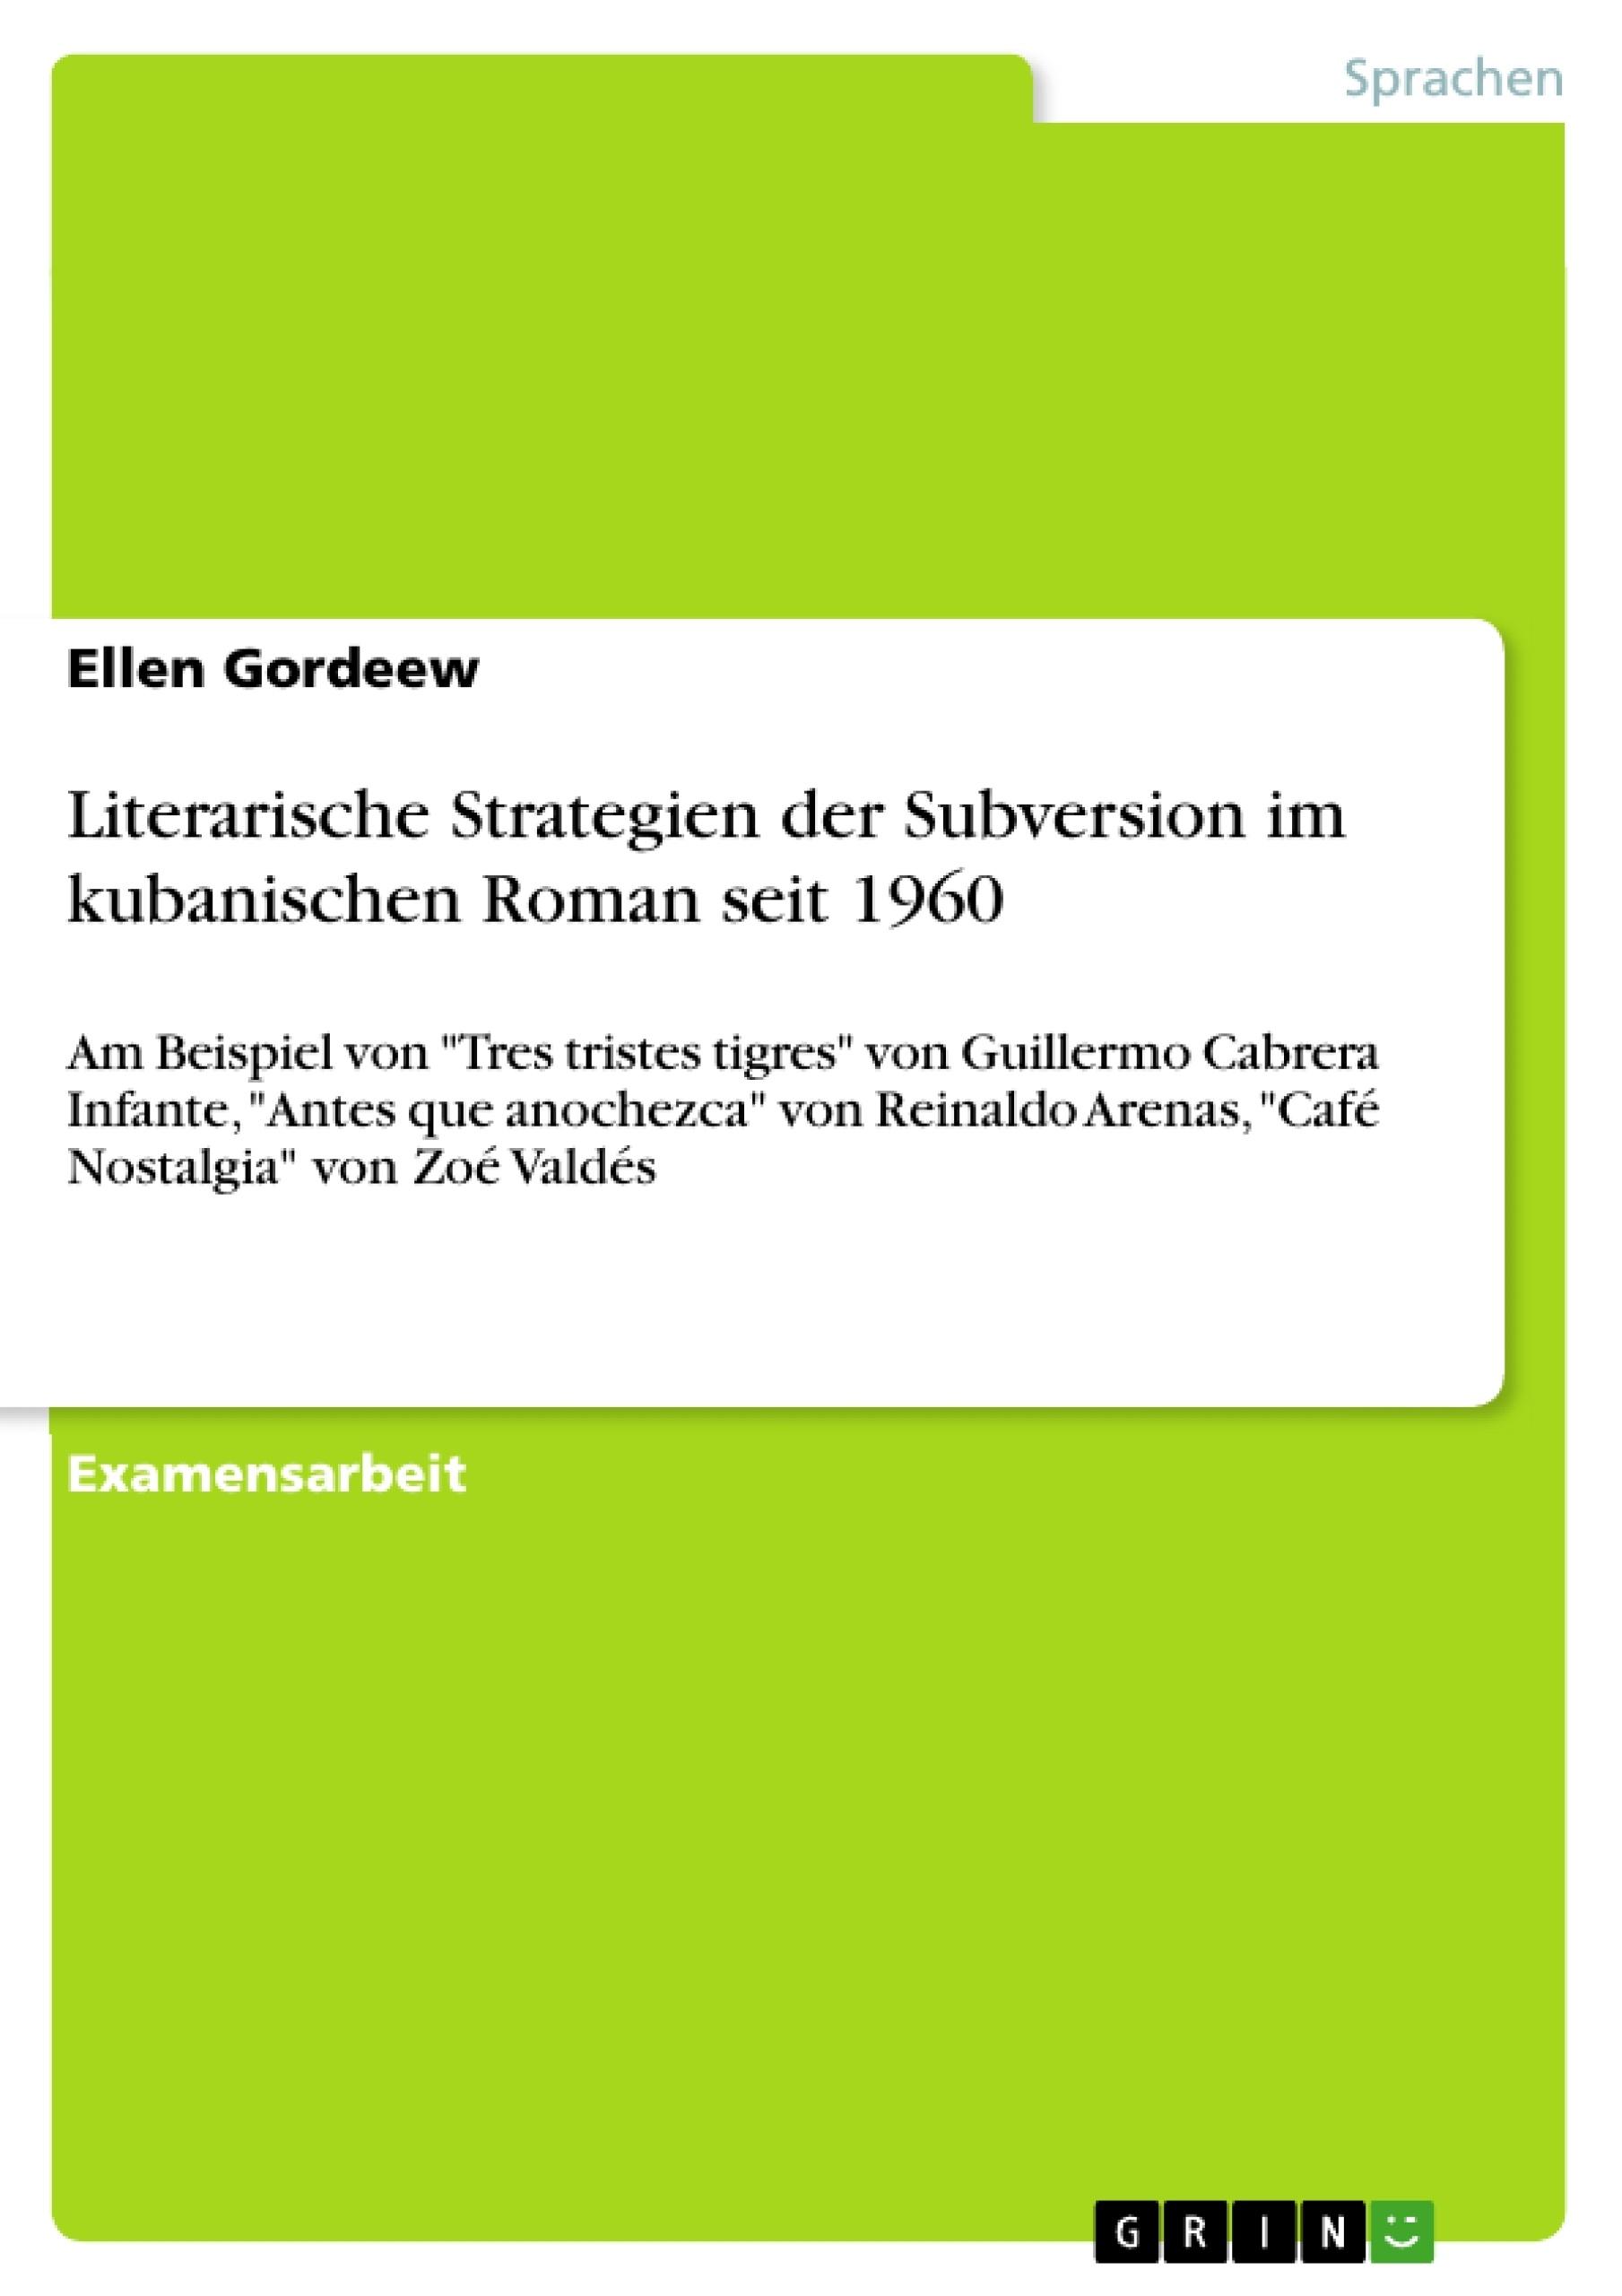 Titel: Literarische Strategien der Subversion im kubanischen Roman seit 1960